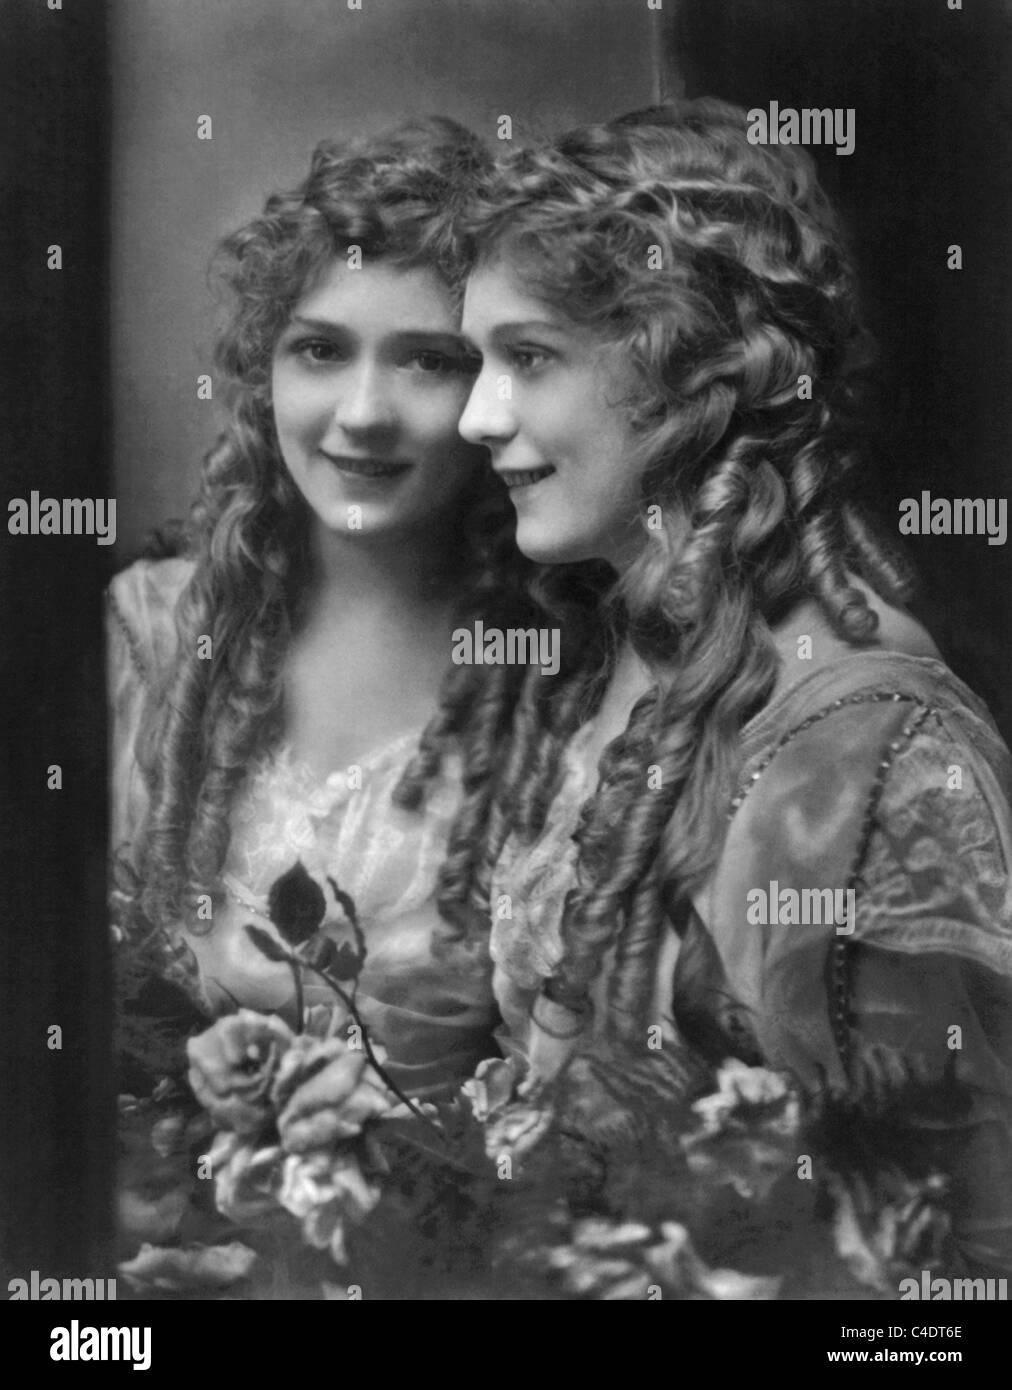 Foto retrato Vintage circa 1914 de origen canadiense actriz Mary Pickford (1892 - 1979) de pie junto a un espejo. Imagen De Stock